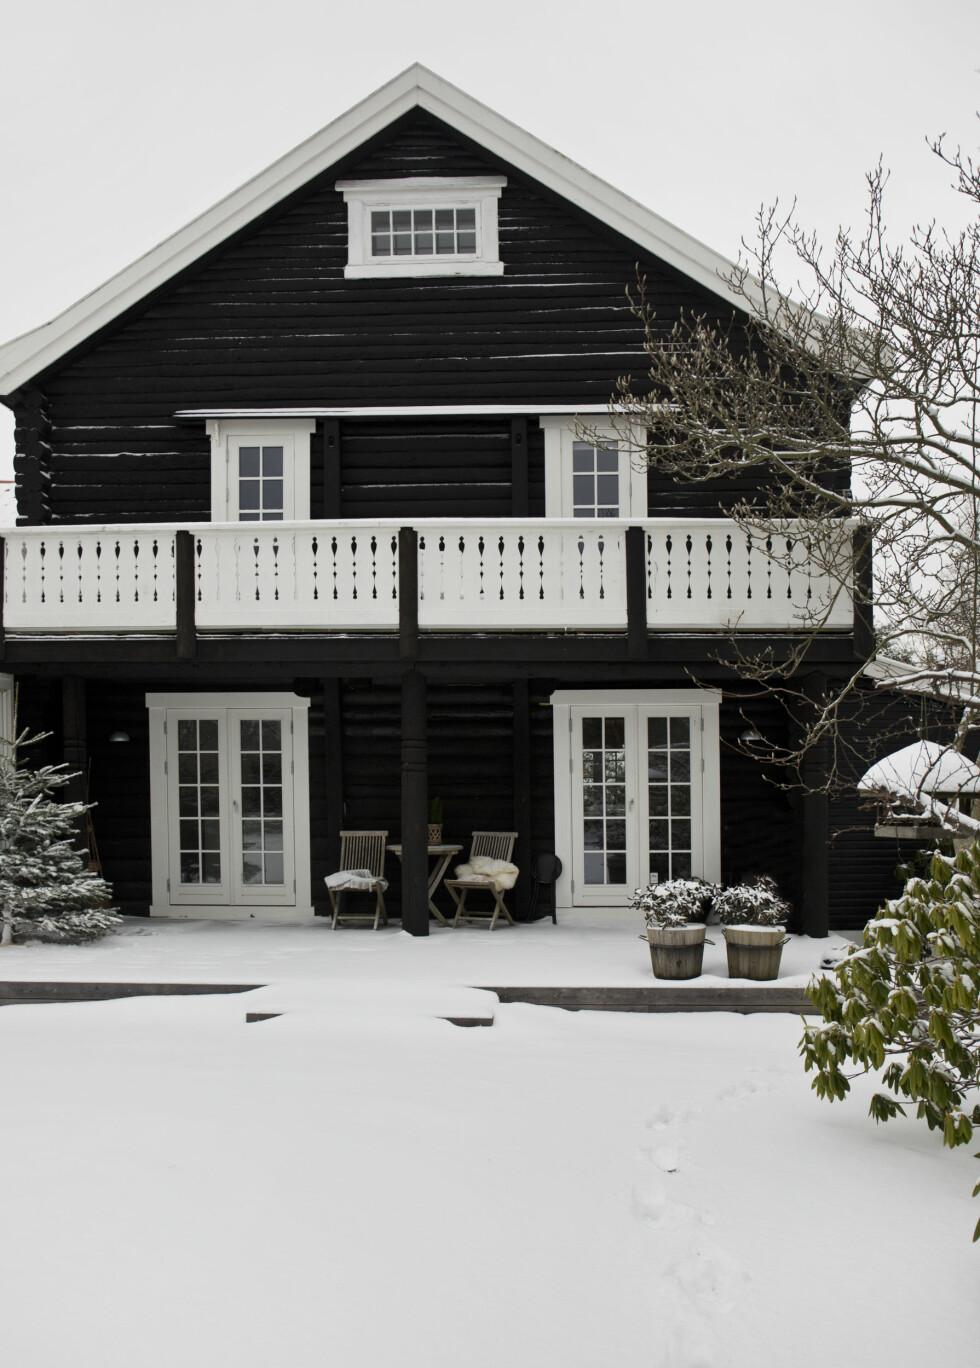 ET SKIKKELIG JULEHJEM: Det vakre huset sett fra utsiden ser ut som et skikkelig vinterparadis!  Foto: Ina Agency